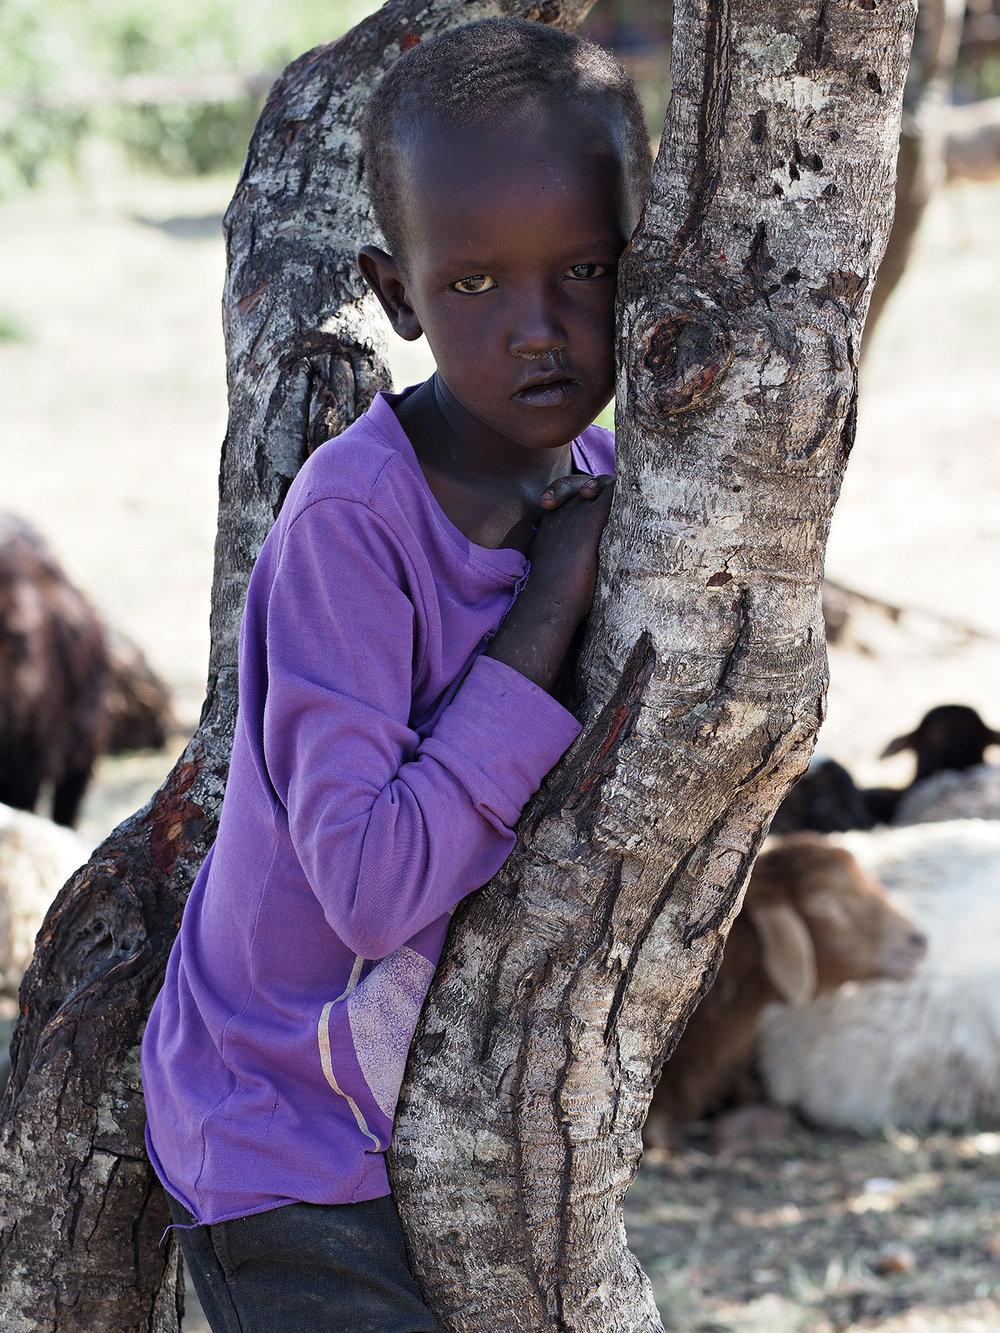 Ranjan_Ramchandani_The shepherd boy.jpg